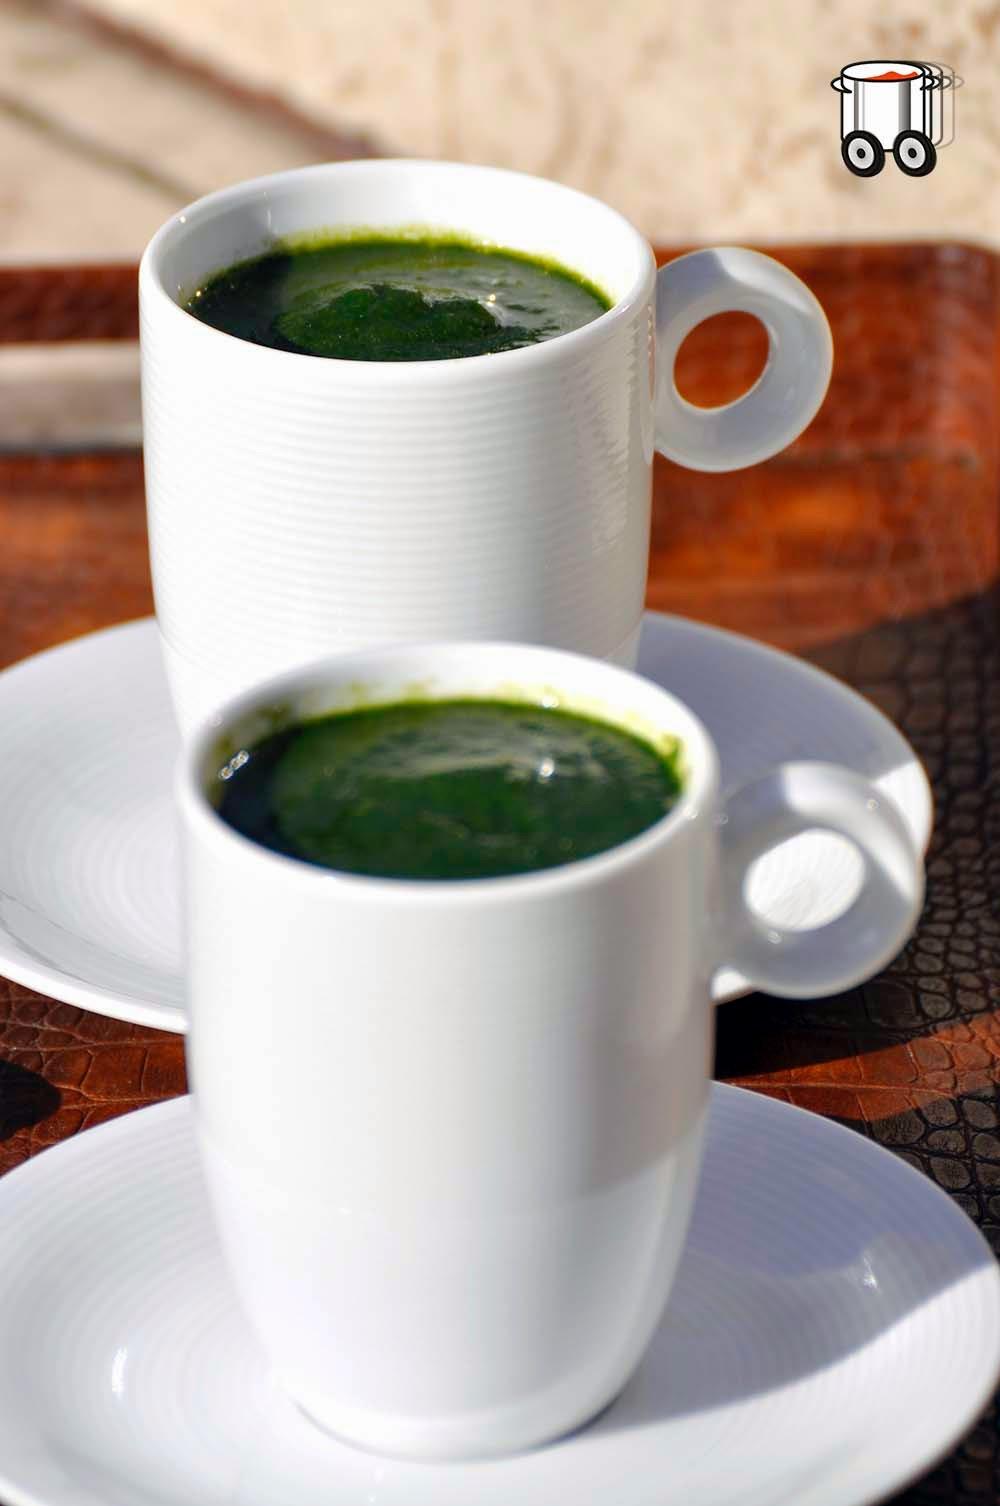 Szybko Tanio Smacznie - Kremowa zupa ze szpinaku